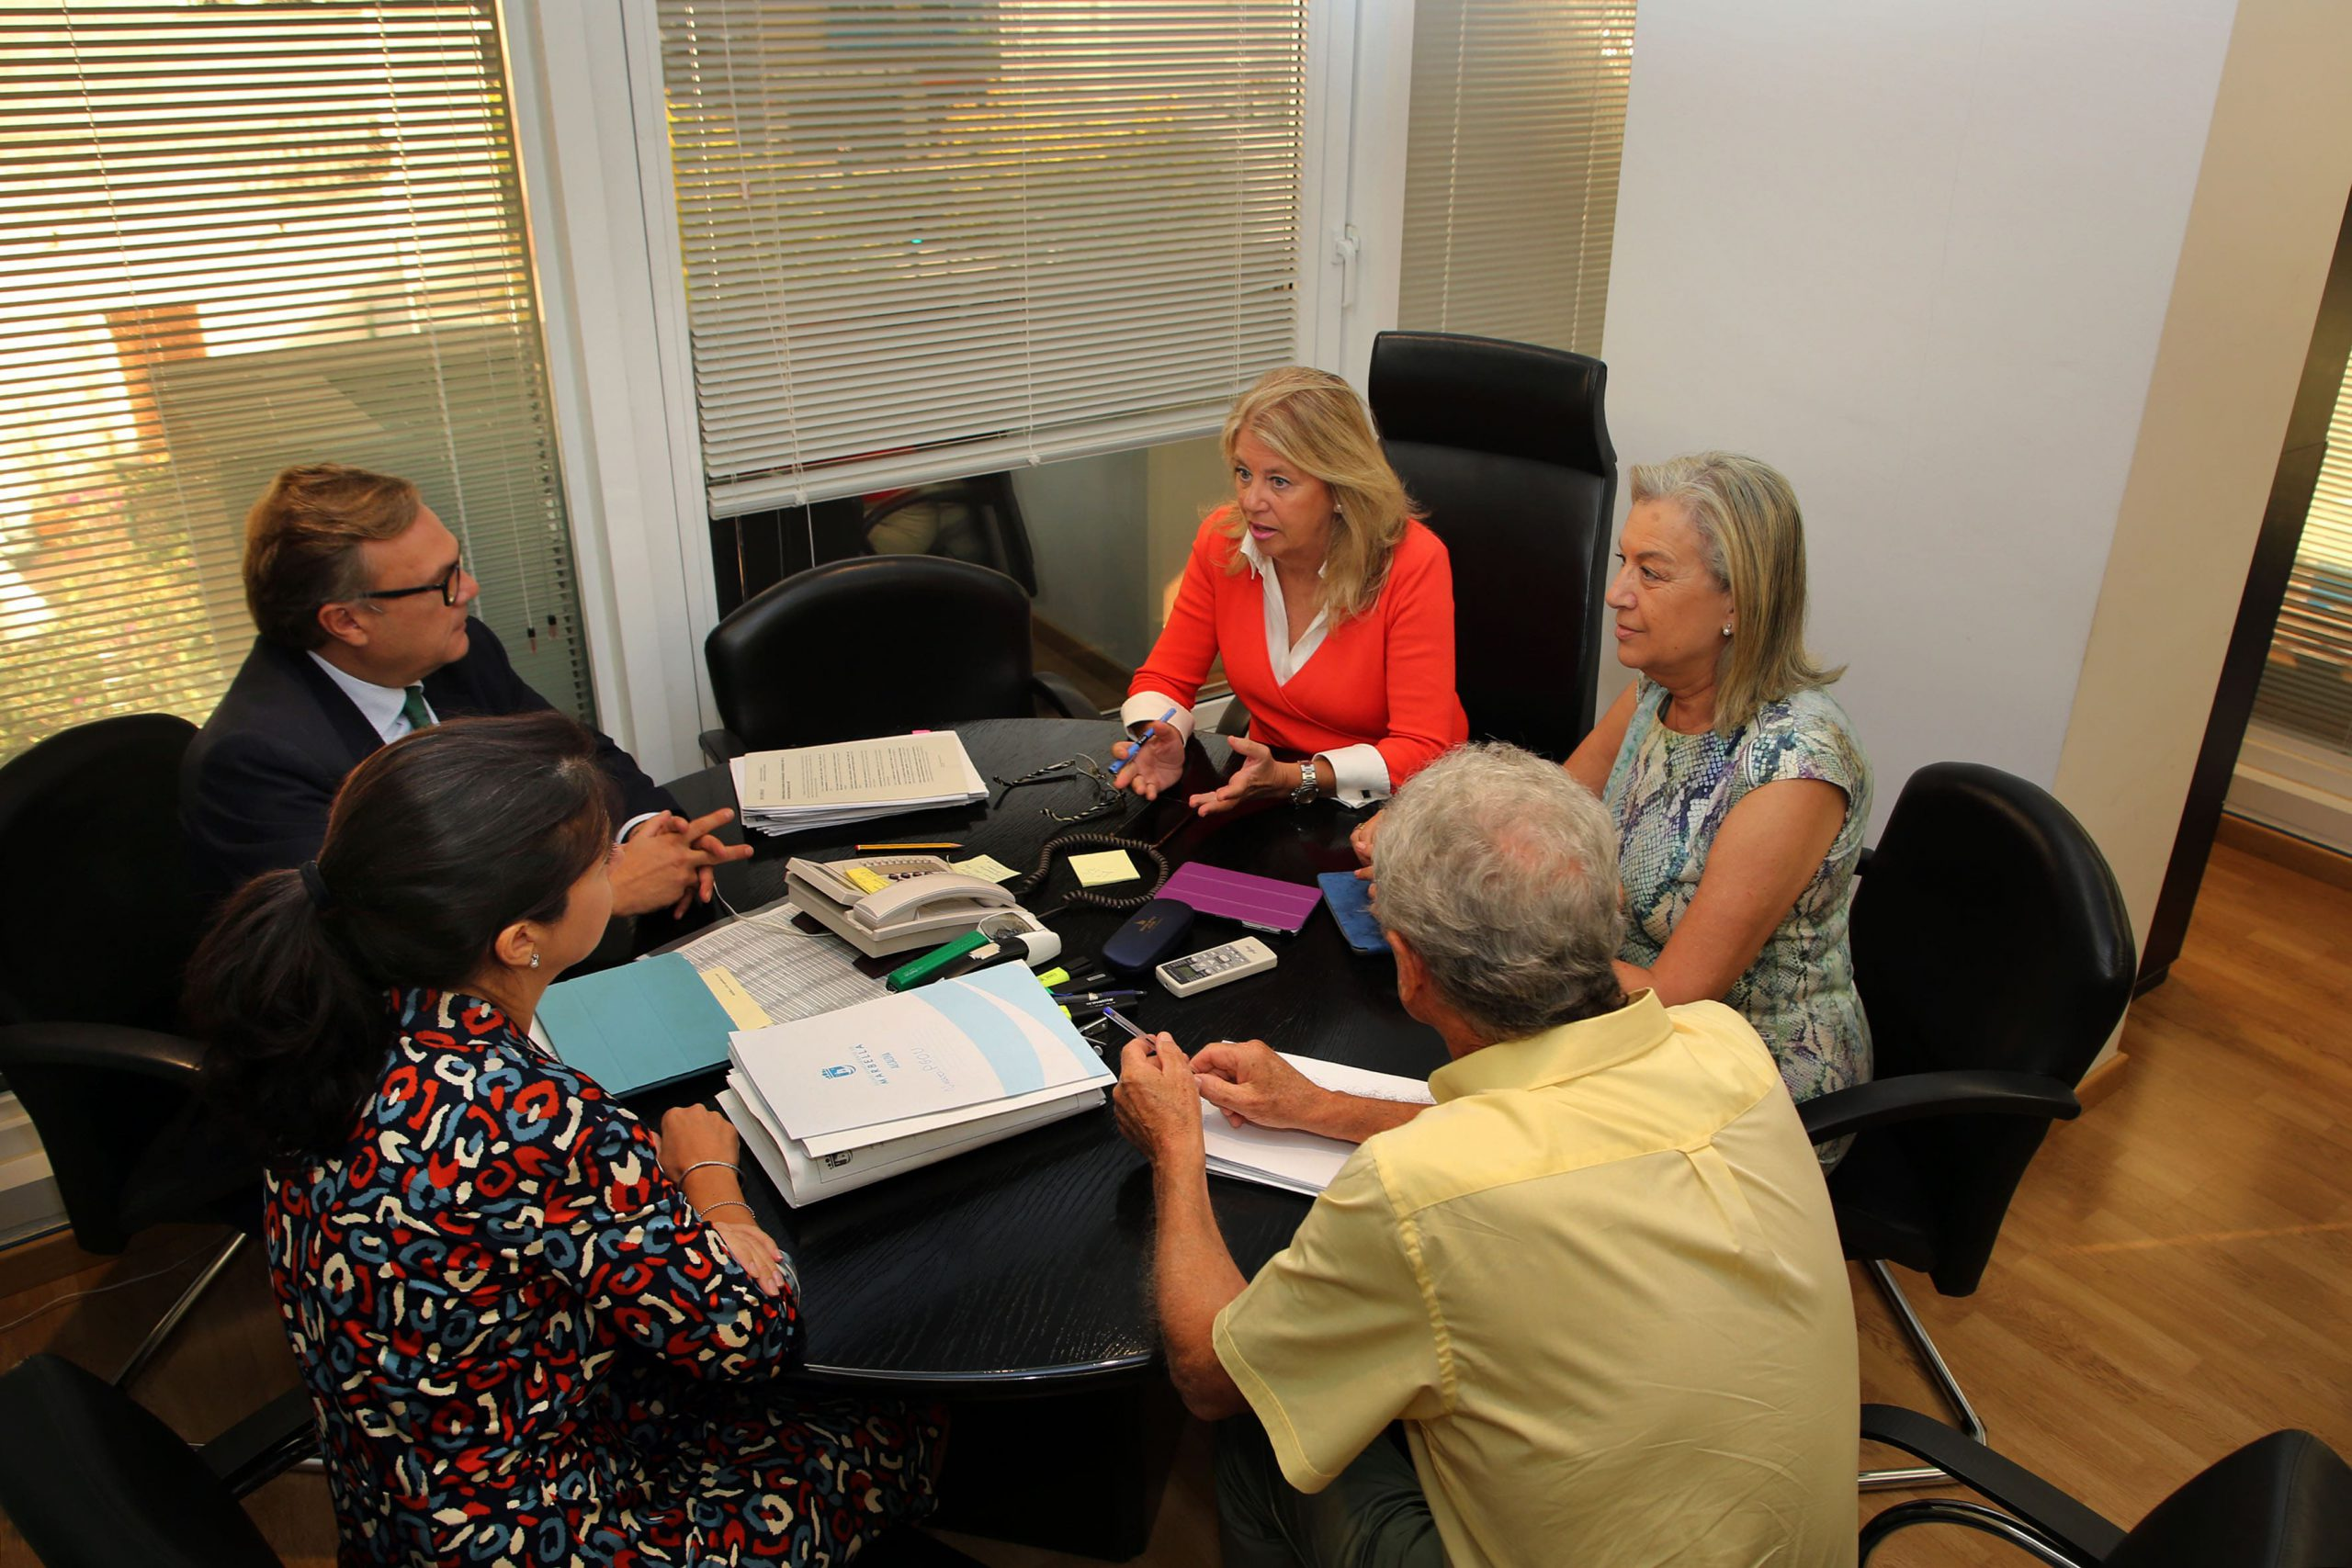 La alcaldesa se reúne con profesionales del Colegio de Ingenieros de Caminos de Málaga